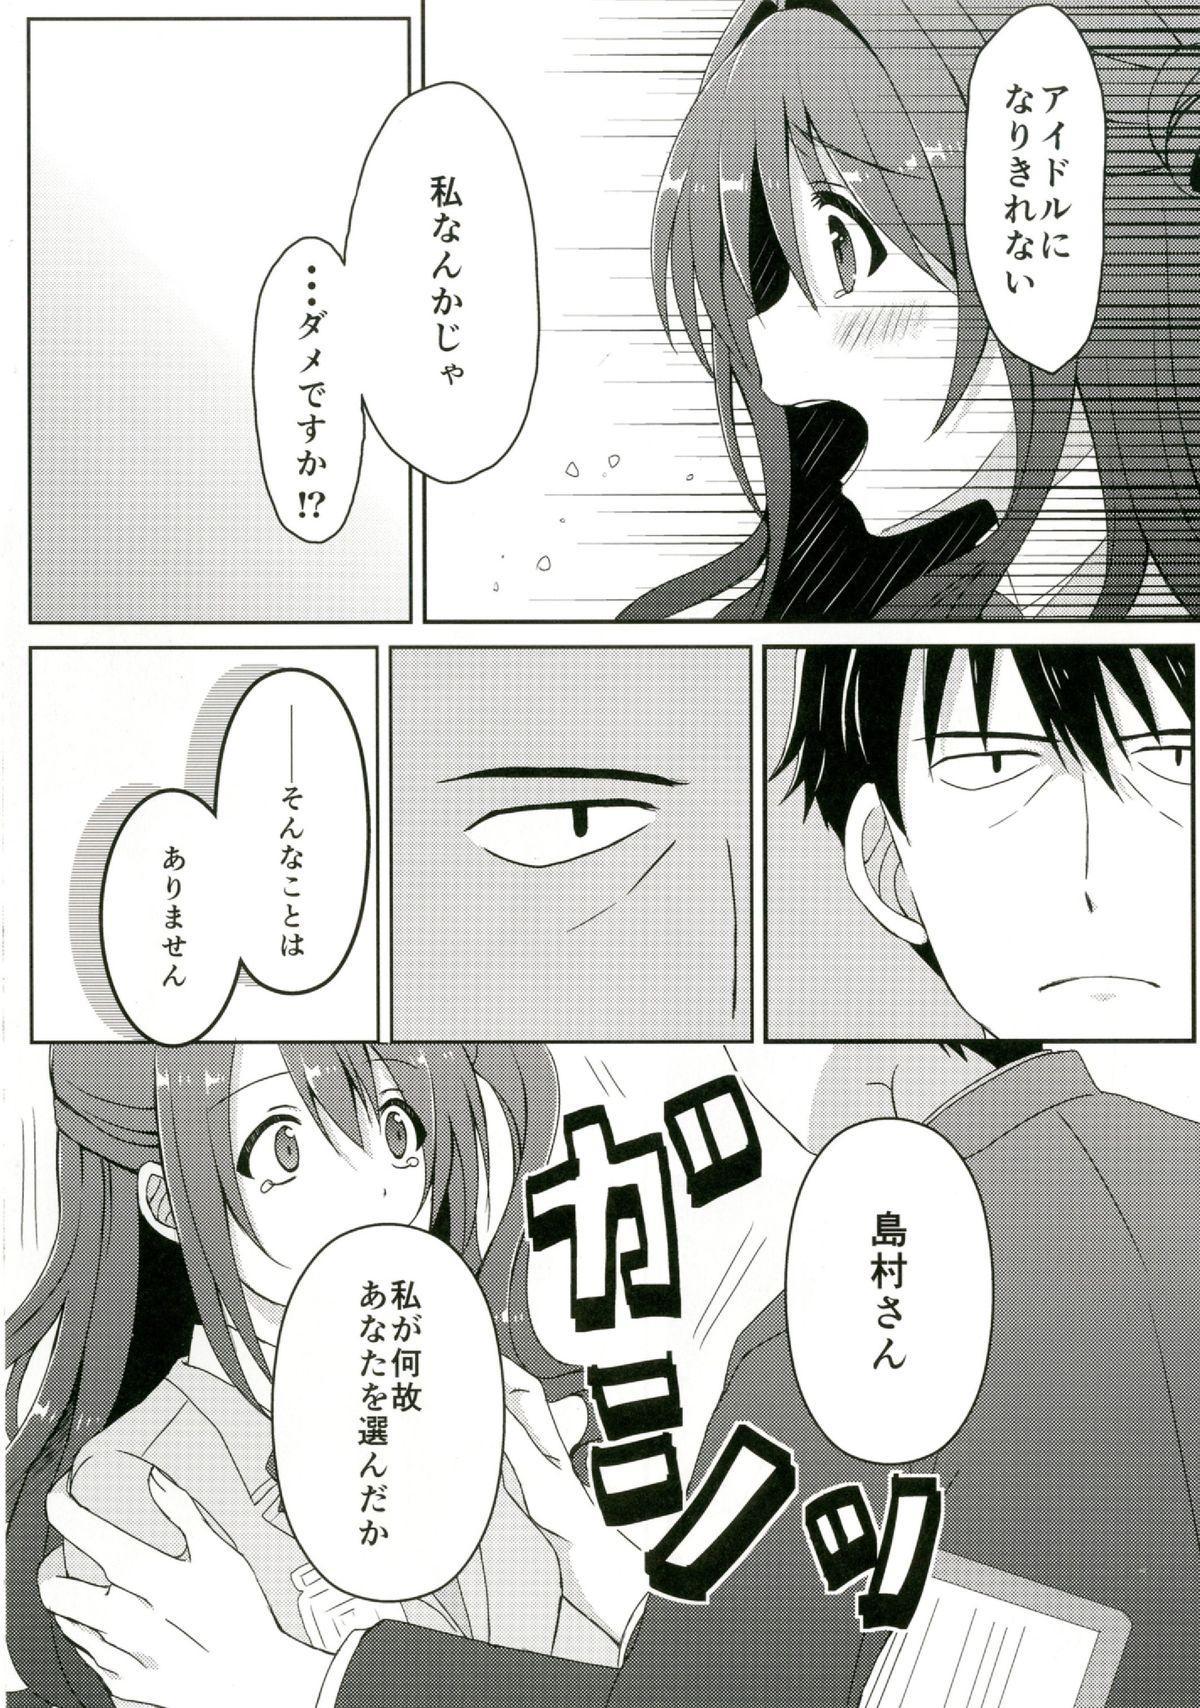 Himitsu no Tokkun 14